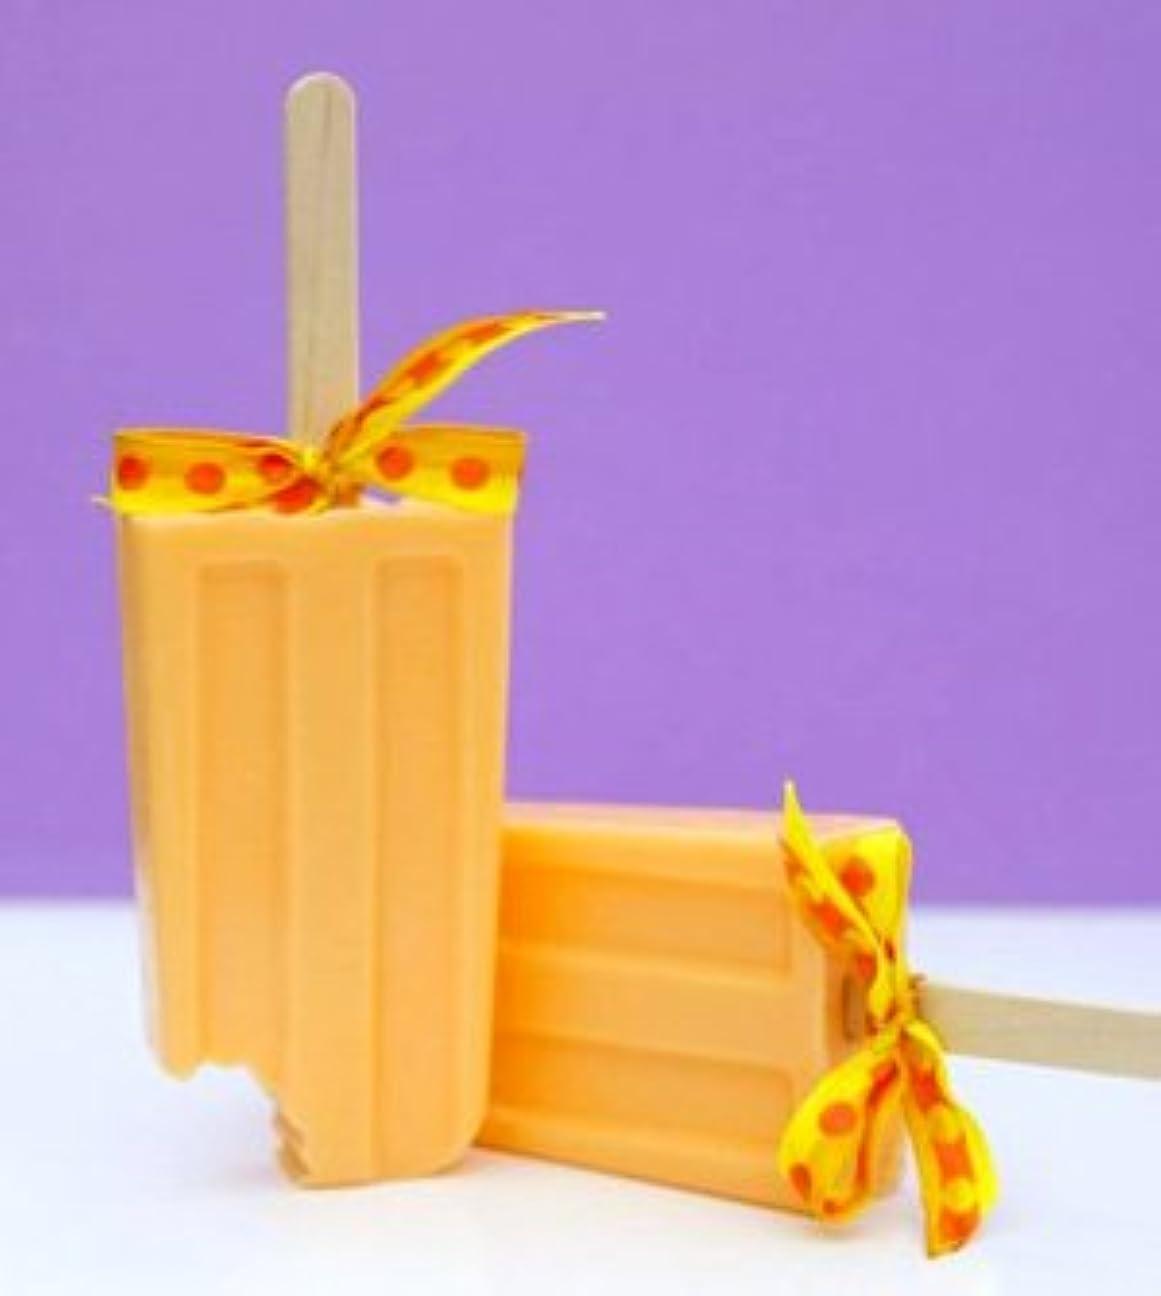 やがて水曜日フラップsoapy love(ソーピーラブ) Orange オレンジ セッケン ソープ ギフト プレゼント 石鹸 H14×W5×D2cm  (orange)